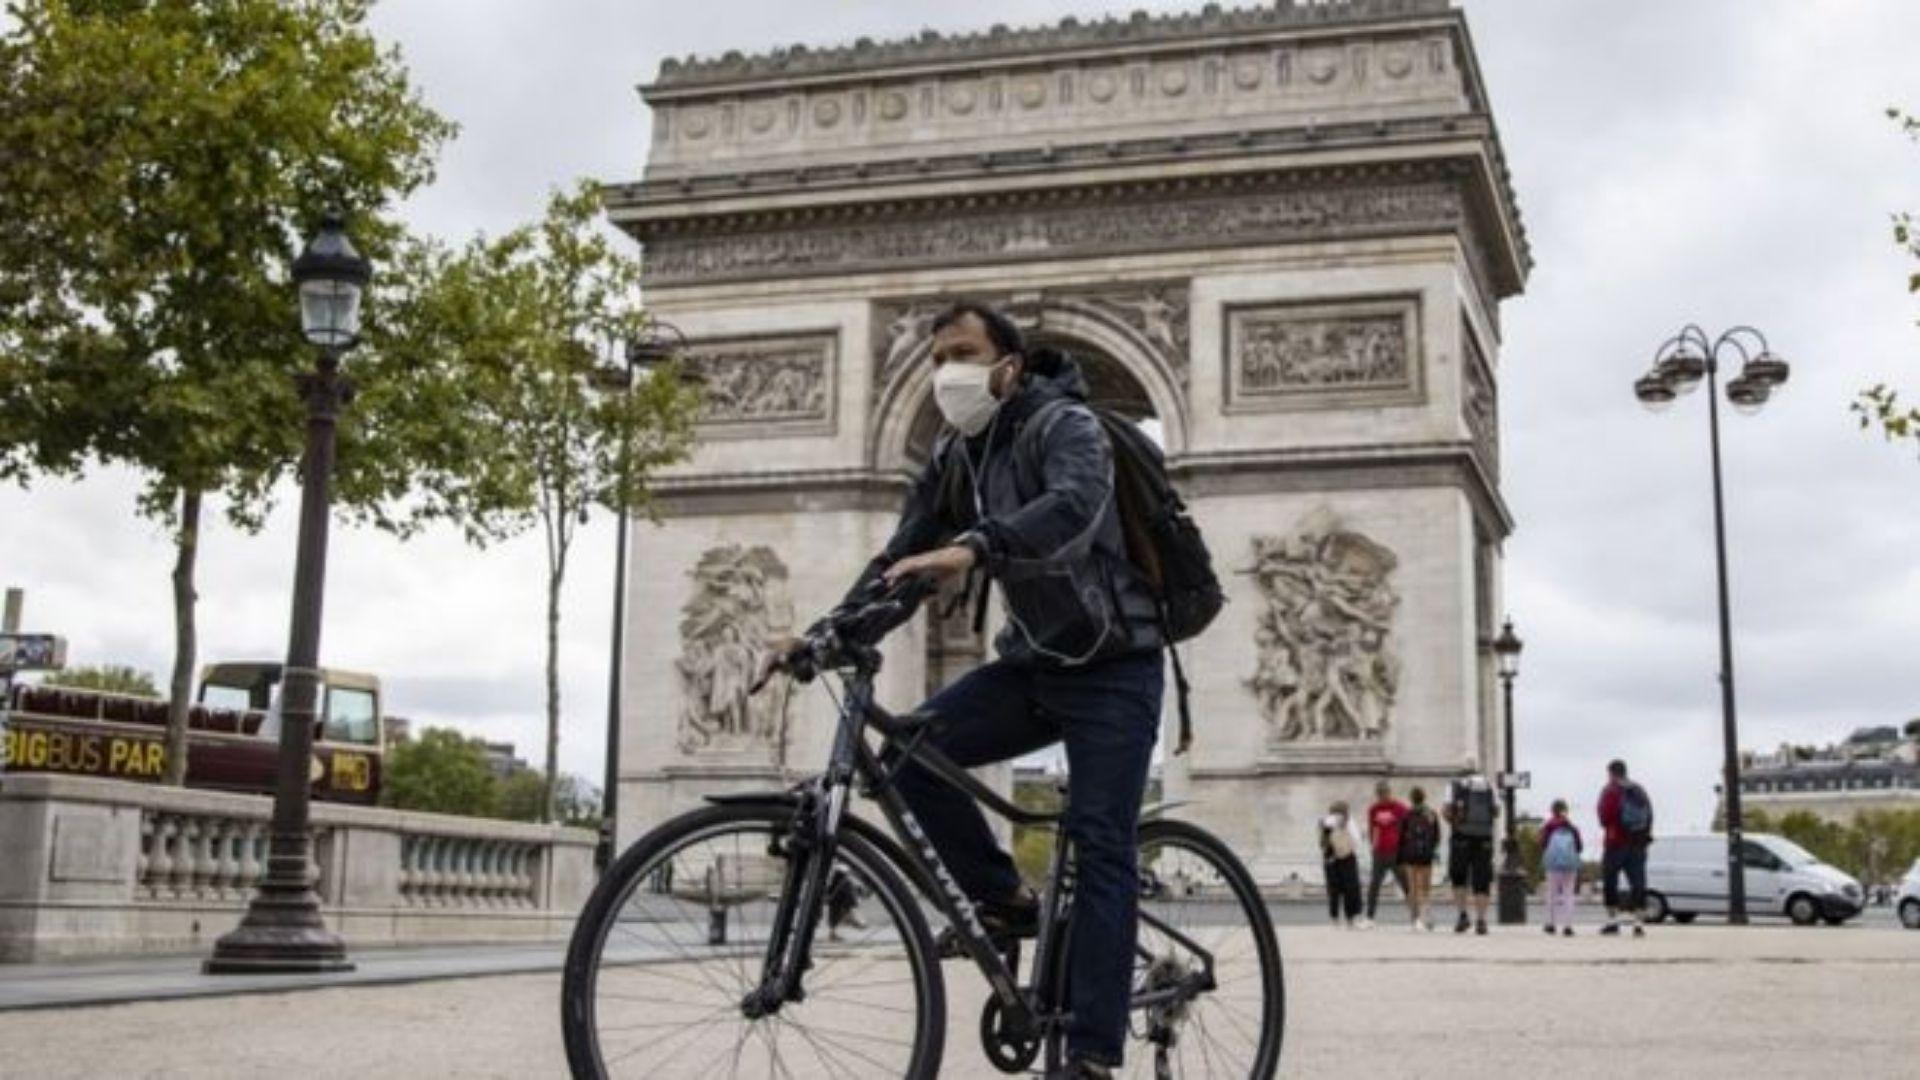 პარიზში პიბადეების ტარება სავალდებულო ხდება